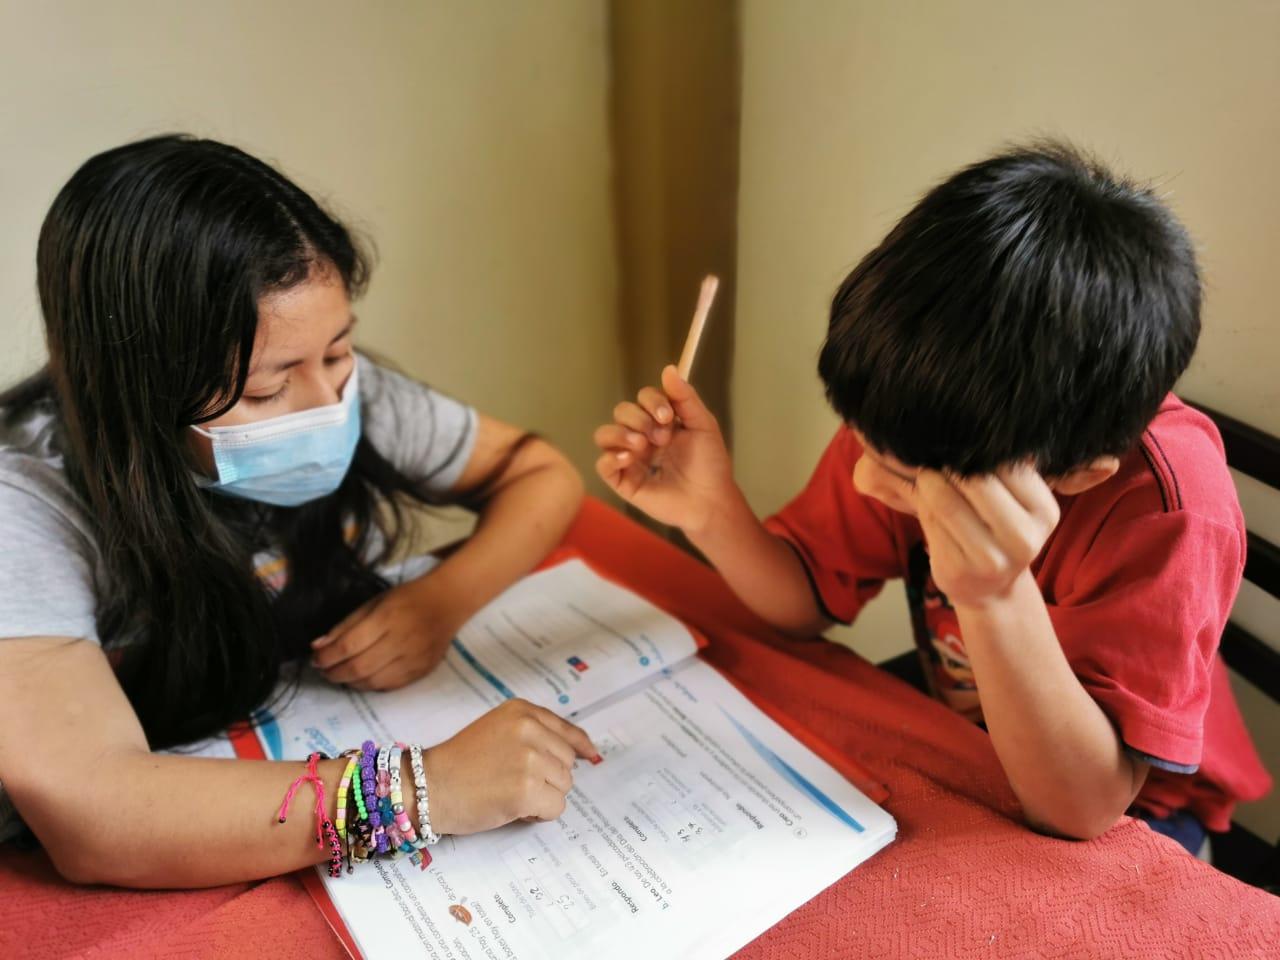 operatore-bambino-emergenza-coronavirus-caef